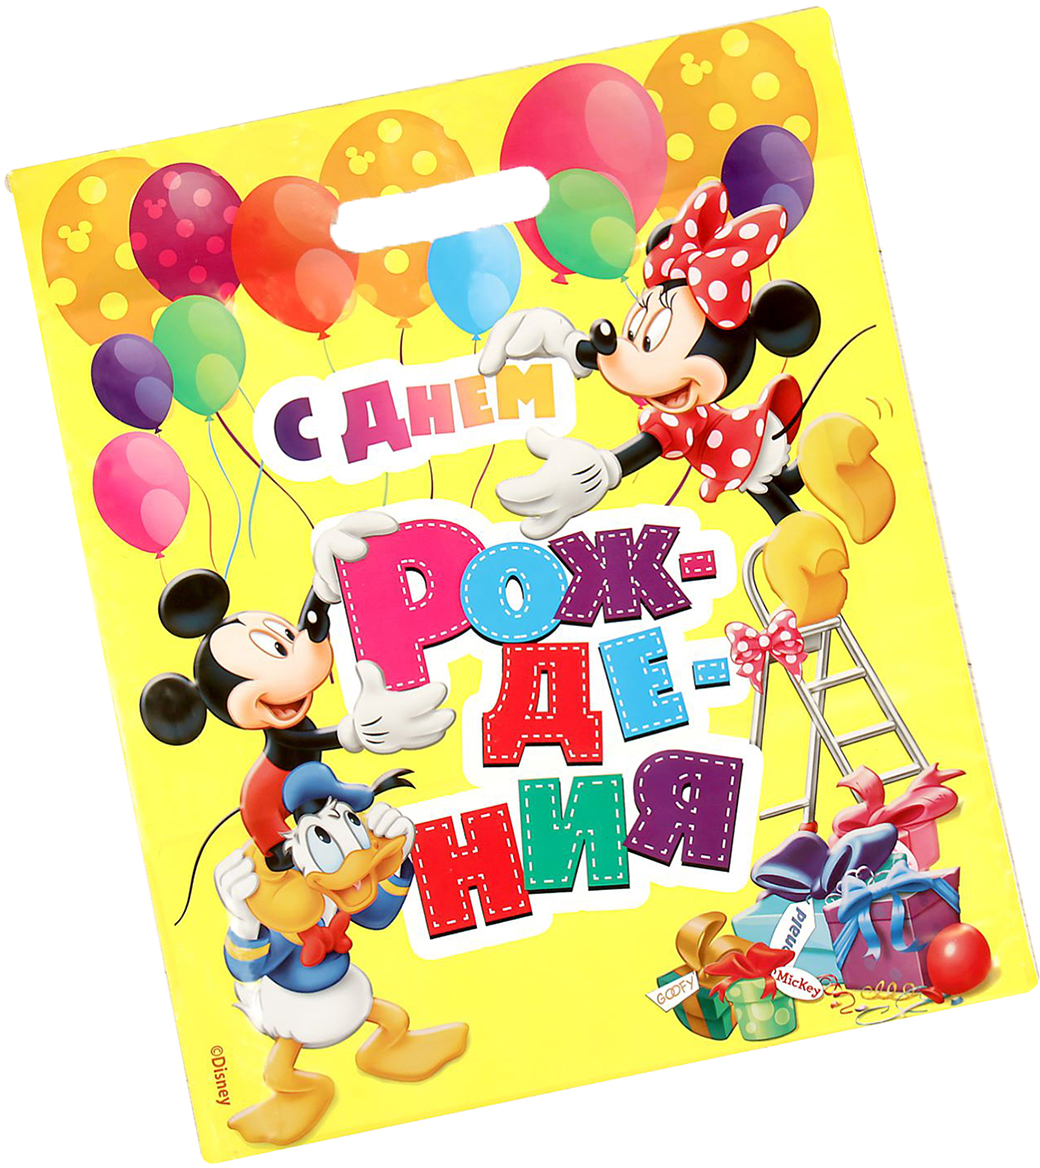 Дети и взрослые будут в восторге от изображения любимых героев Disney. А содержимое пакета станет еще желанней. Яркий полиэтиленовый пакет сделает подарок особенным и запоминающимся!